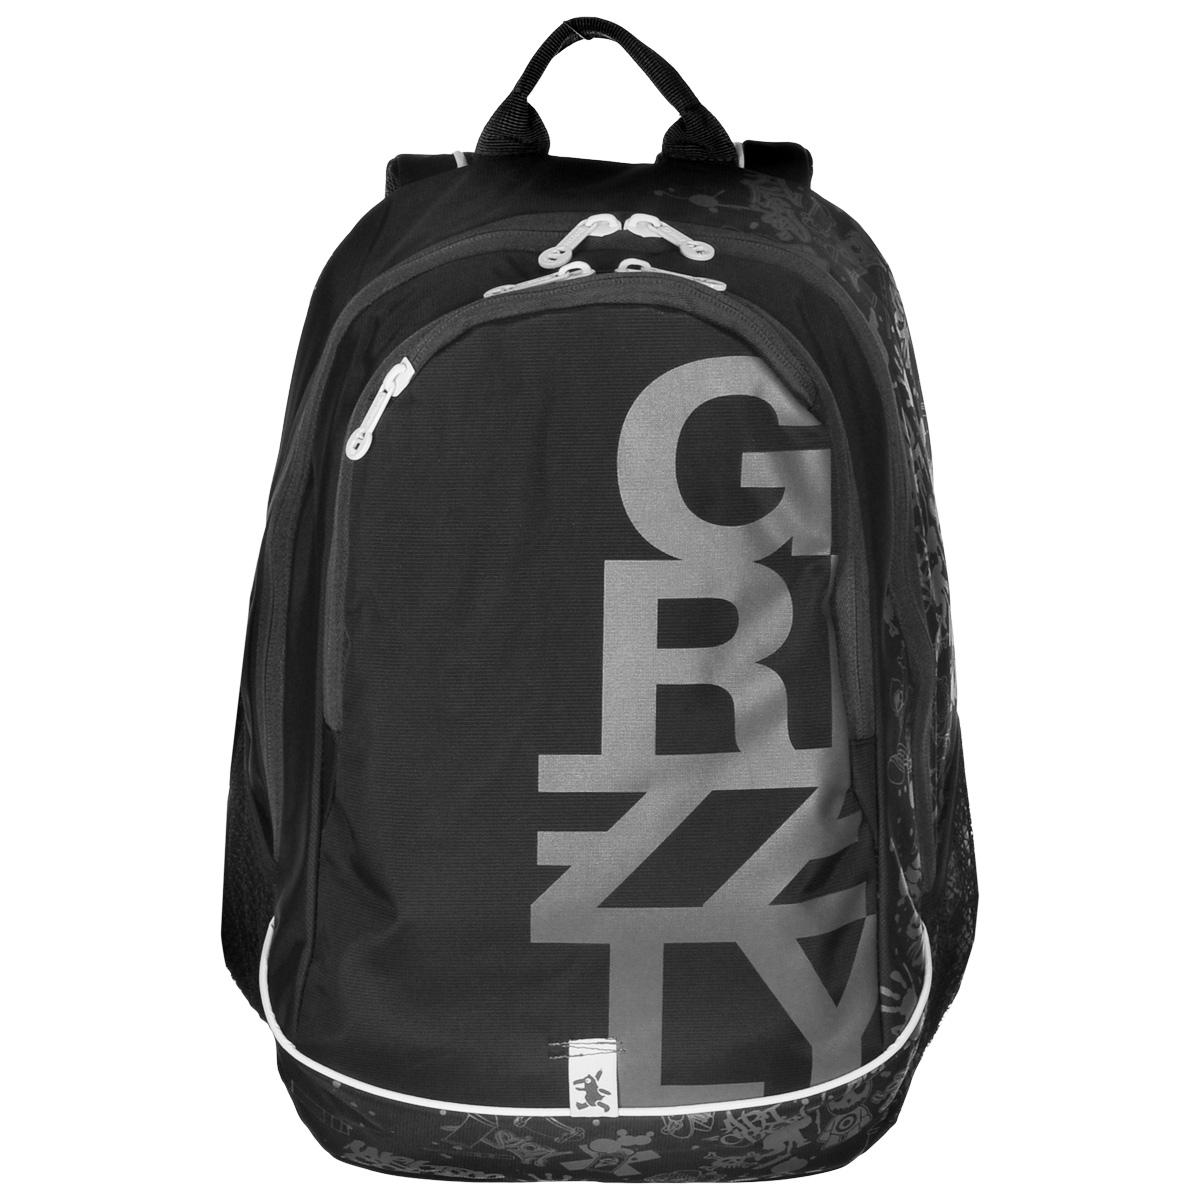 Рюкзак городской Grizzly, цвет: черный, серый, 29 л. RU-400-1/2RD-418-1/3Рюкзак Grizzly - это оригинальный молодежный рюкзак со стильным принтом и множеством удобных отделений. Верх изделия выполнен из нейлона, внутренняя поверхность отделана полиэстером зеленого цвета. Рюкзак имеет два отделения, которые закрываются на застежку-молнию. Внутри первого отделения содержится вшитый карман на молнии и пластиковый карман для визитки, внутри второго - сетчатый карман на молнии и 3 открытых кармашка. Модель имеет жесткую рельефную спинку с мягкими вставками и анатомическими лямками. На передней стенке содержится карман на молнии, по бокам расположено 2 сетчатых кармана. Такой рюкзак подчеркнет ваш стиль и поможет выделиться из толпы.